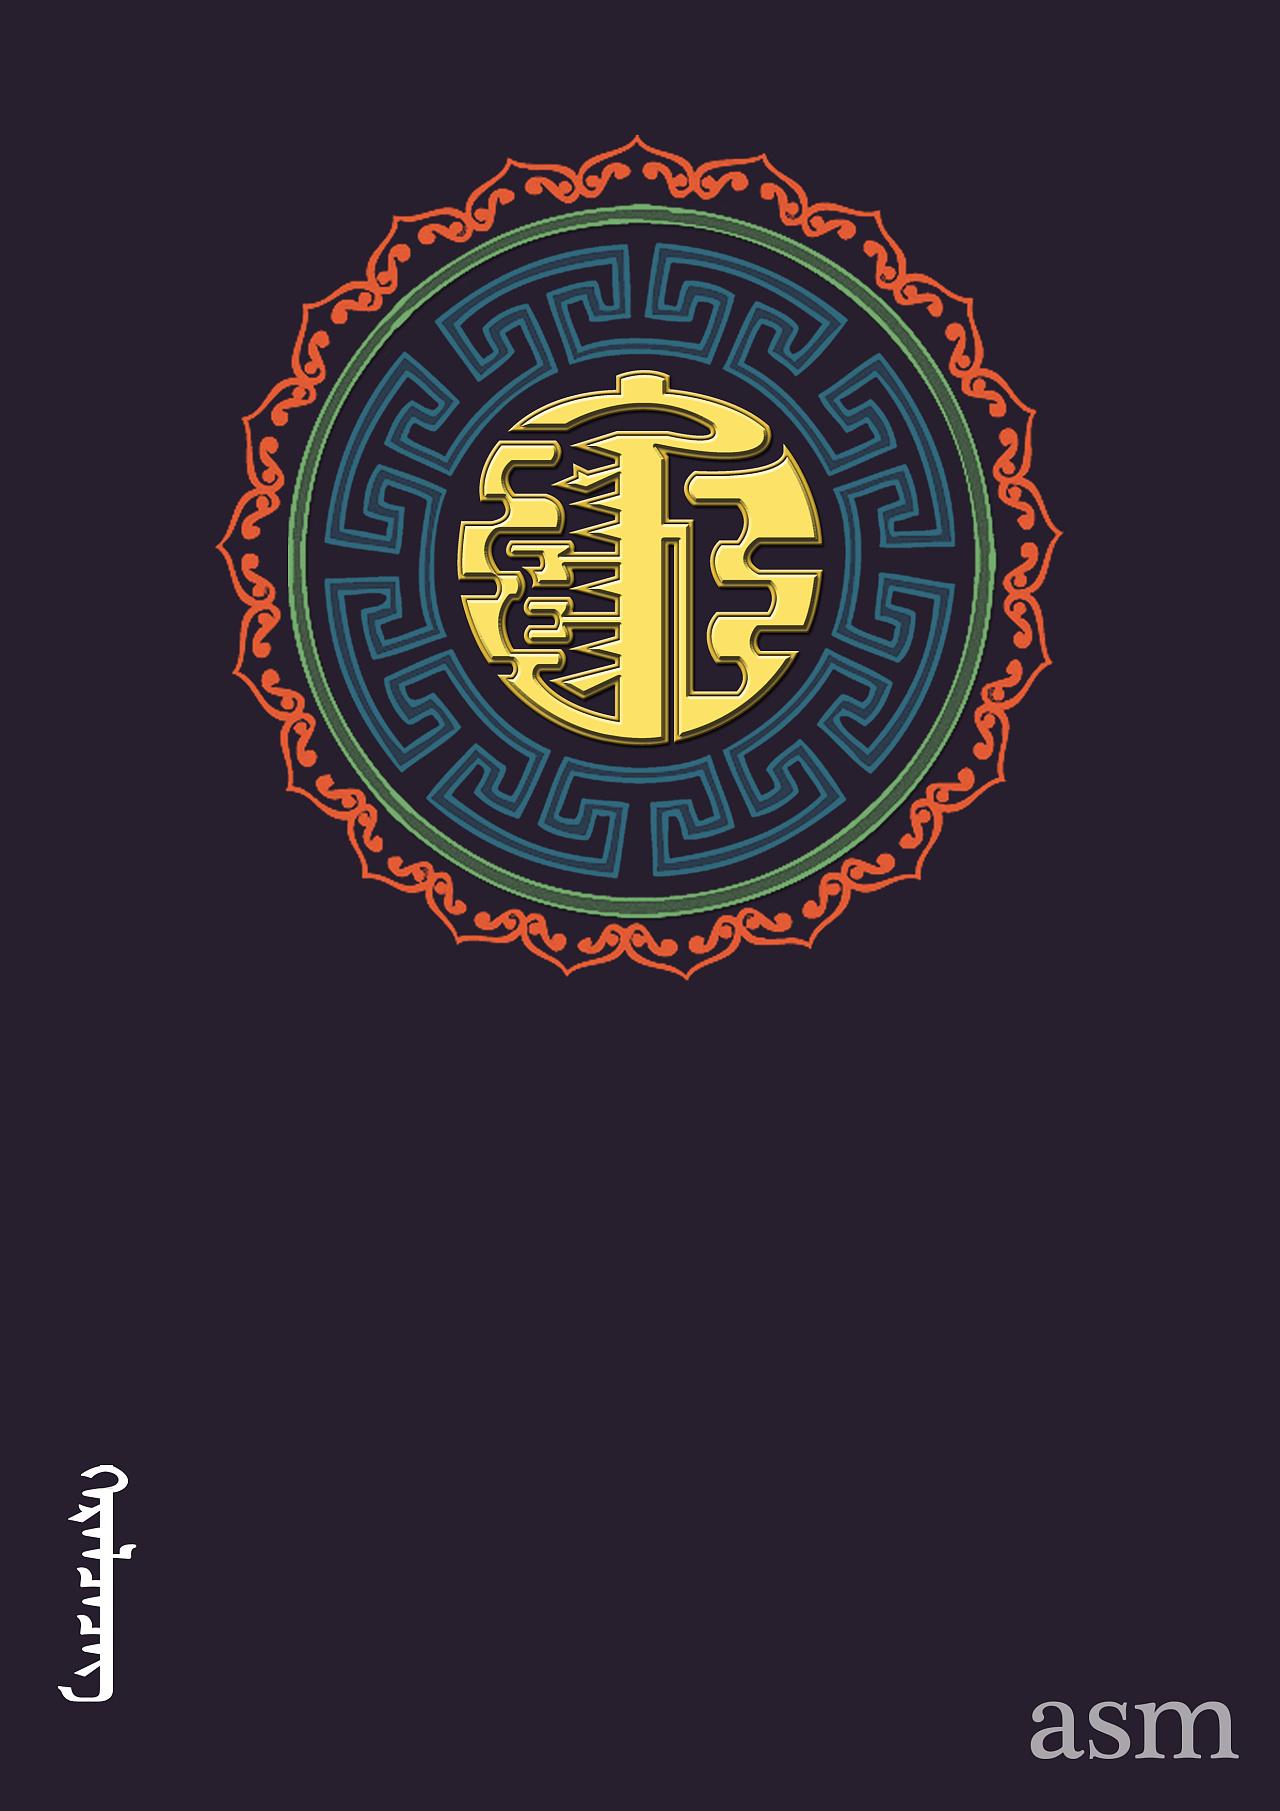 蒙古艺术文字4 -阿斯玛设计 第9张 蒙古艺术文字4 -阿斯玛设计 蒙古设计